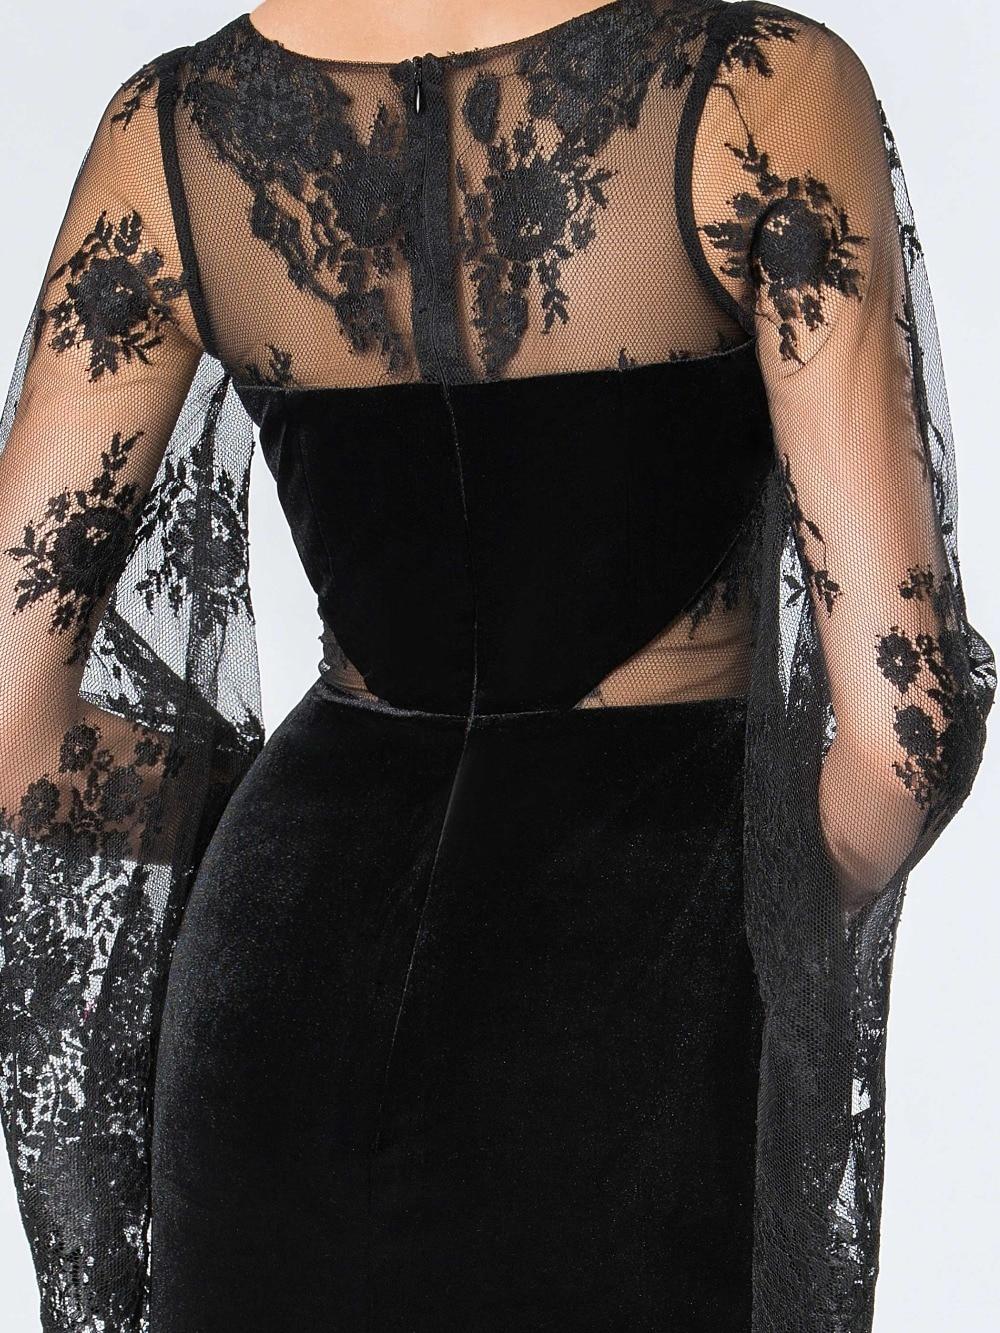 Dressv Vintage Spitze Muslimischen Abendkleider Mantel O-ansatz ...